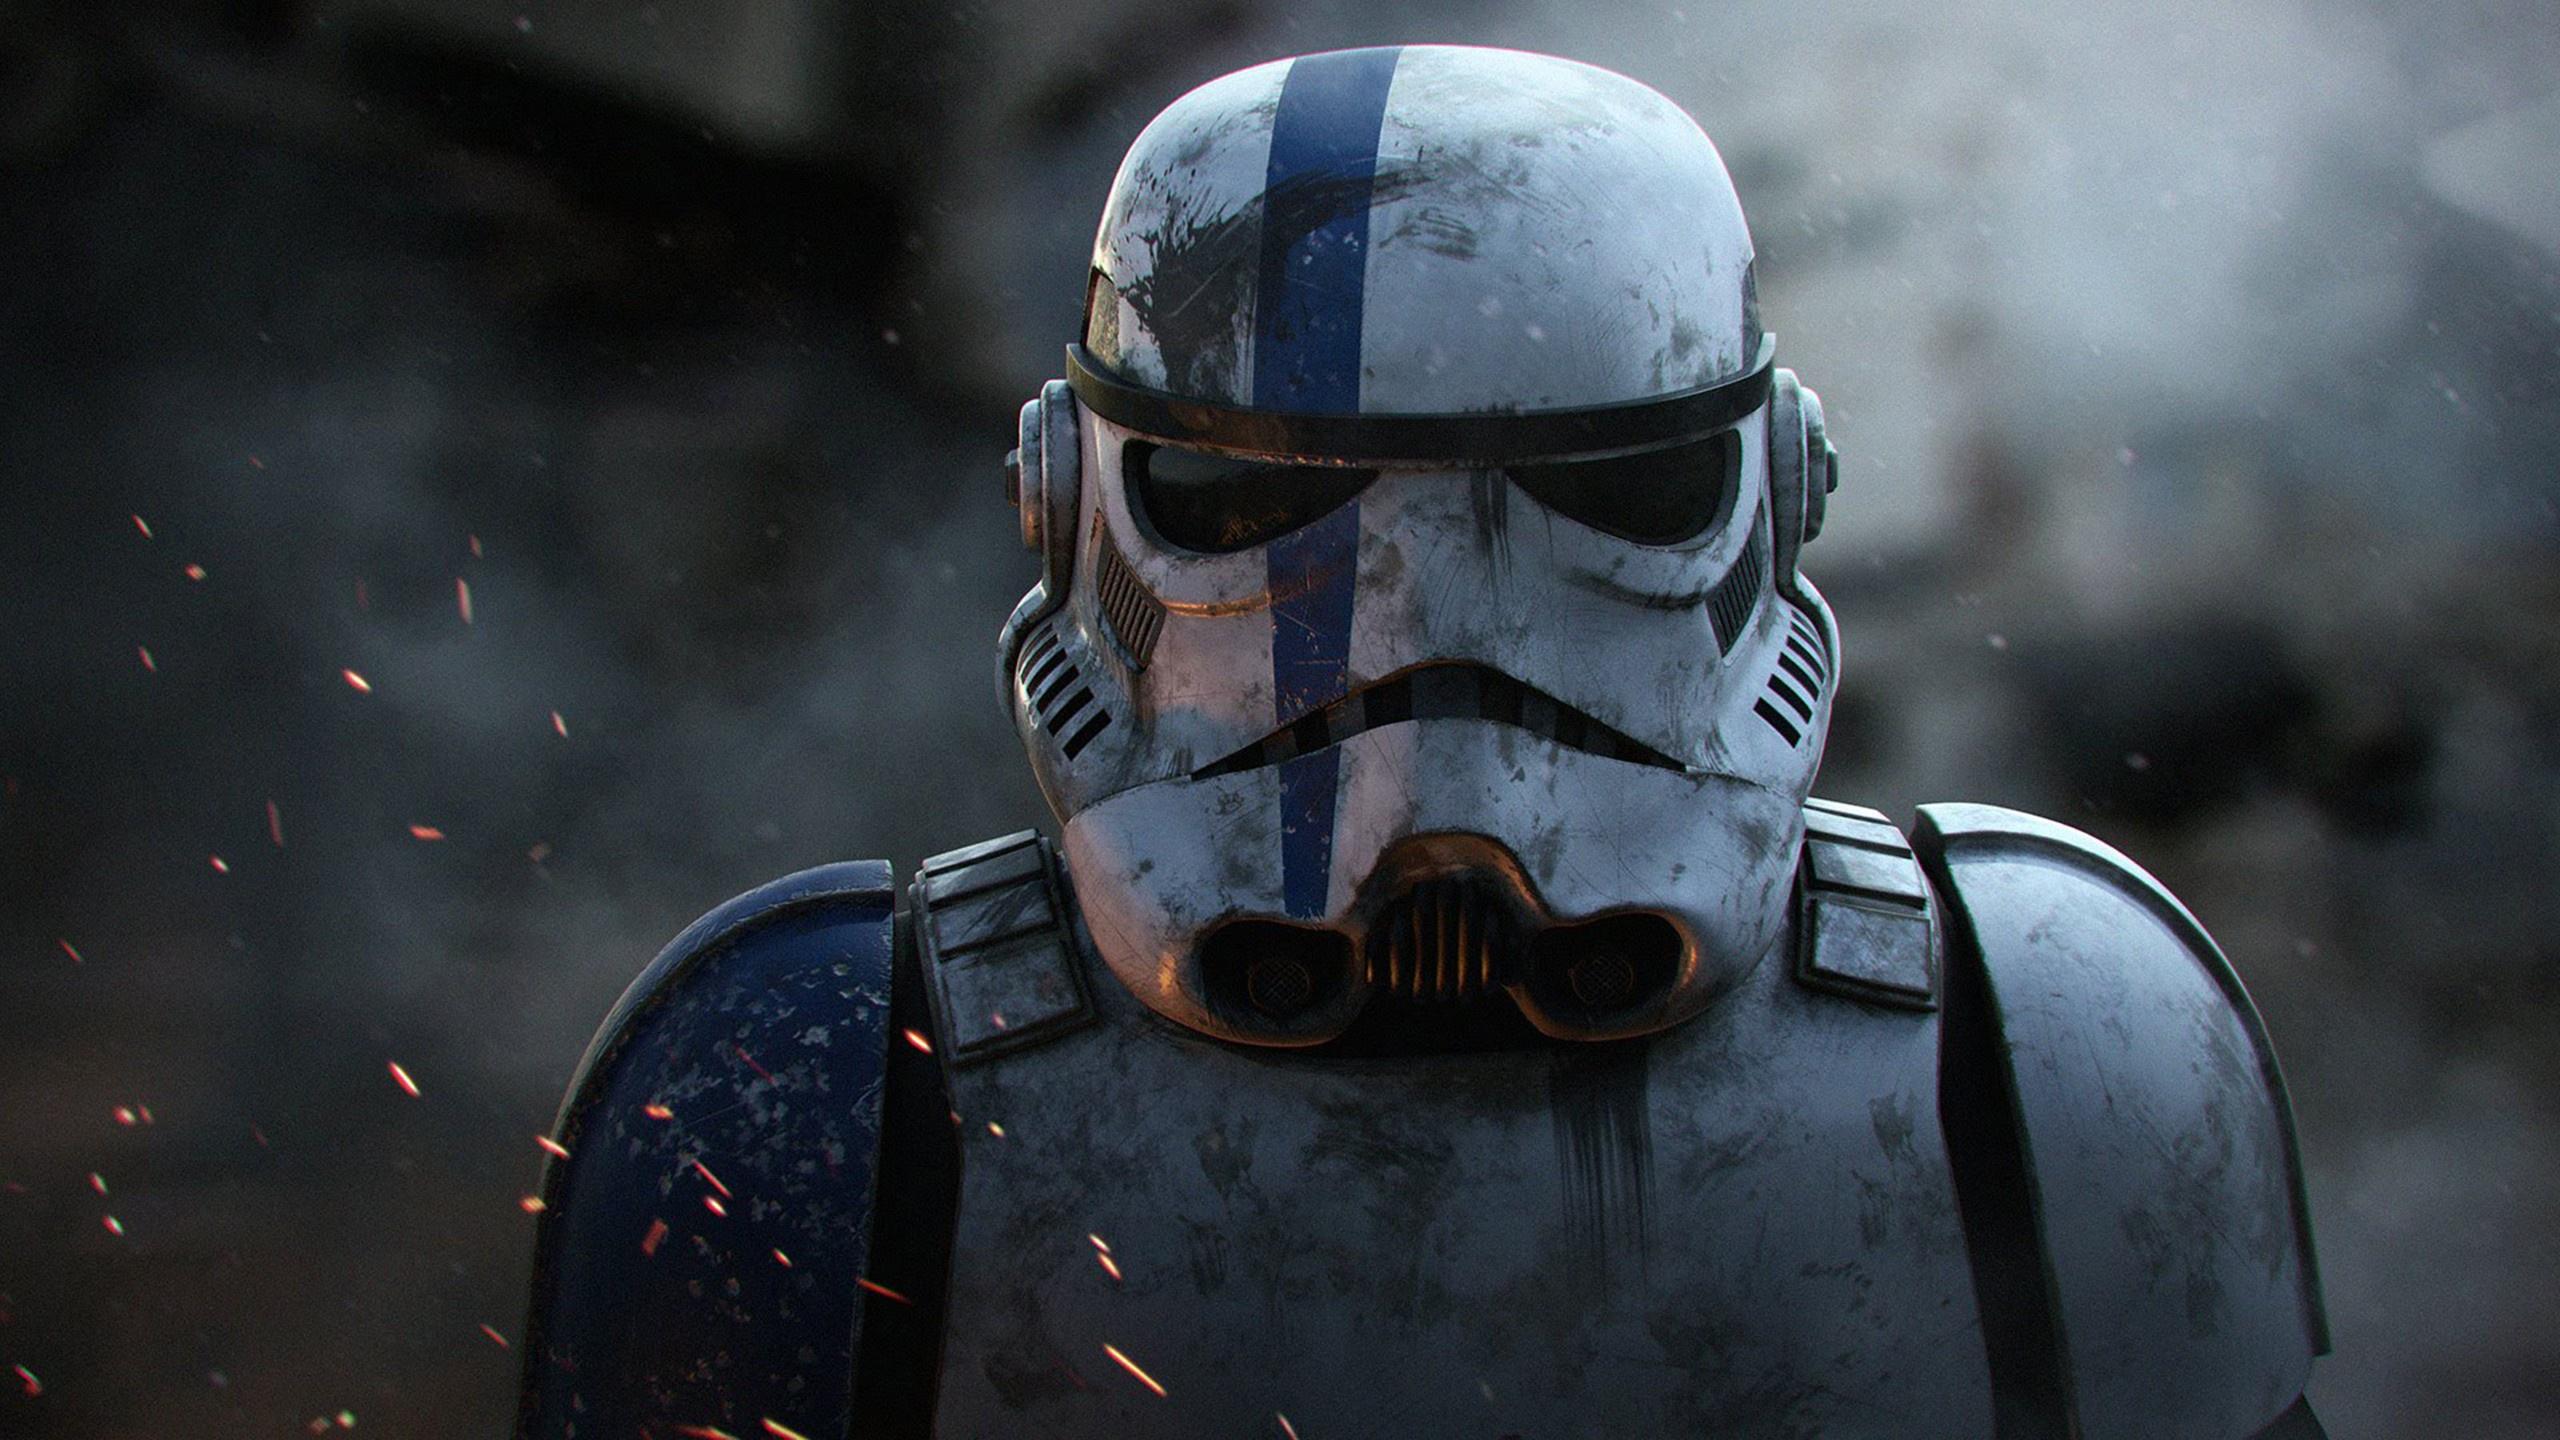 Desktop Wallpapers Star Wars - Movies Clone trooper Helmet Fantasy film 2560x1440 Movies